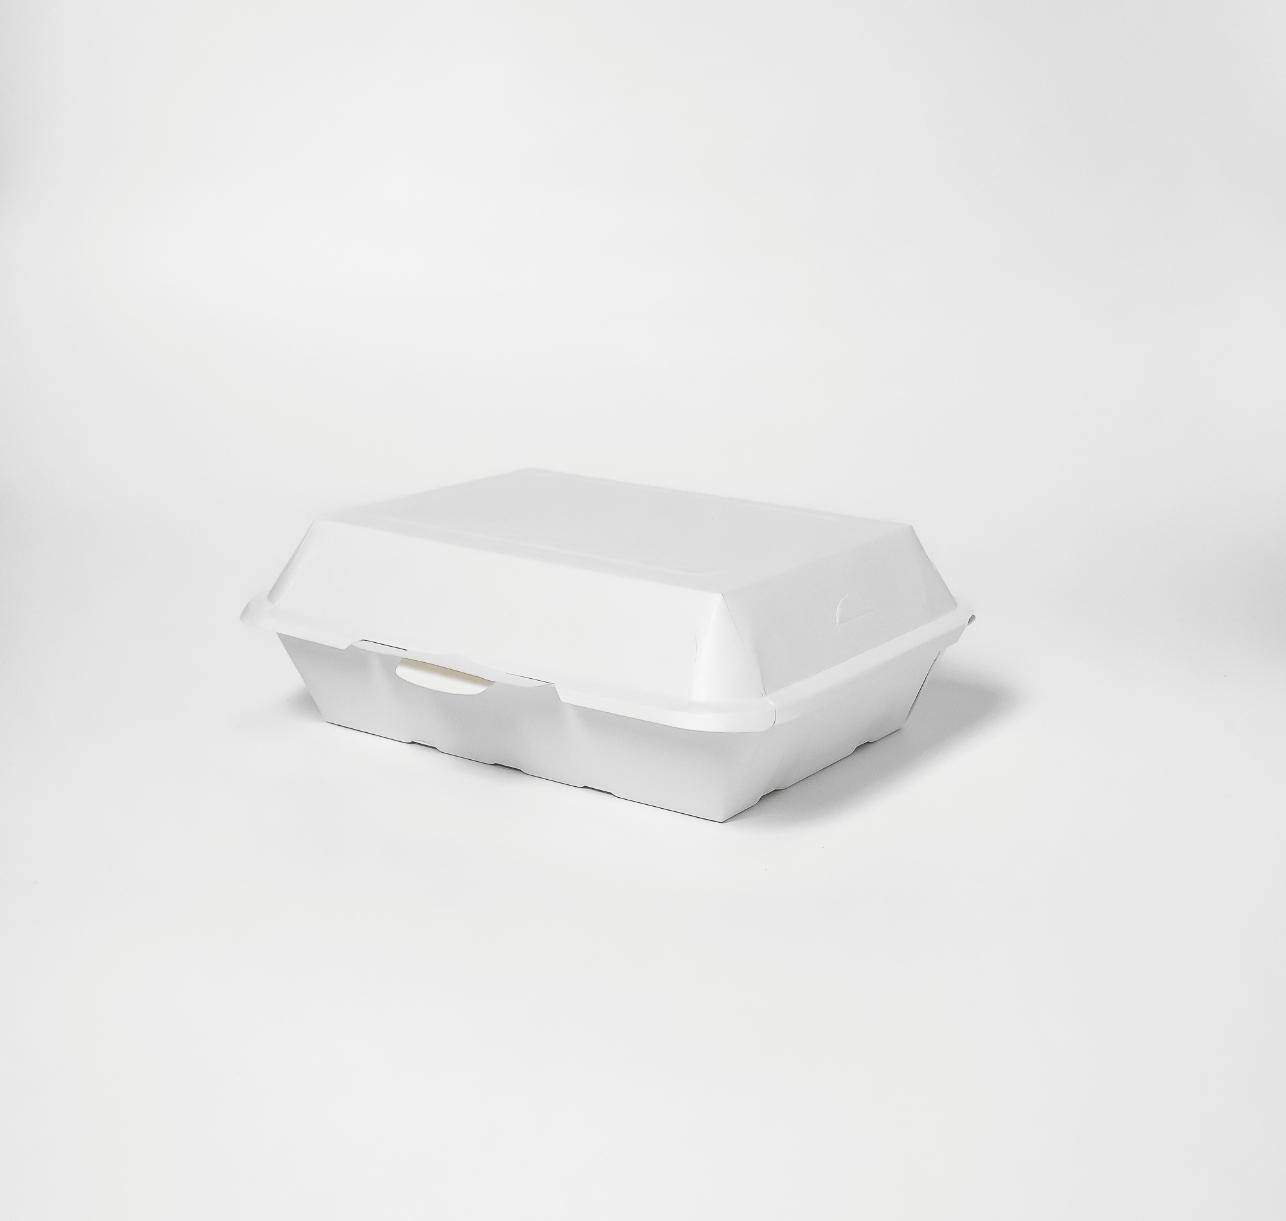 กล่องอาหารกระดาษ 2000ml